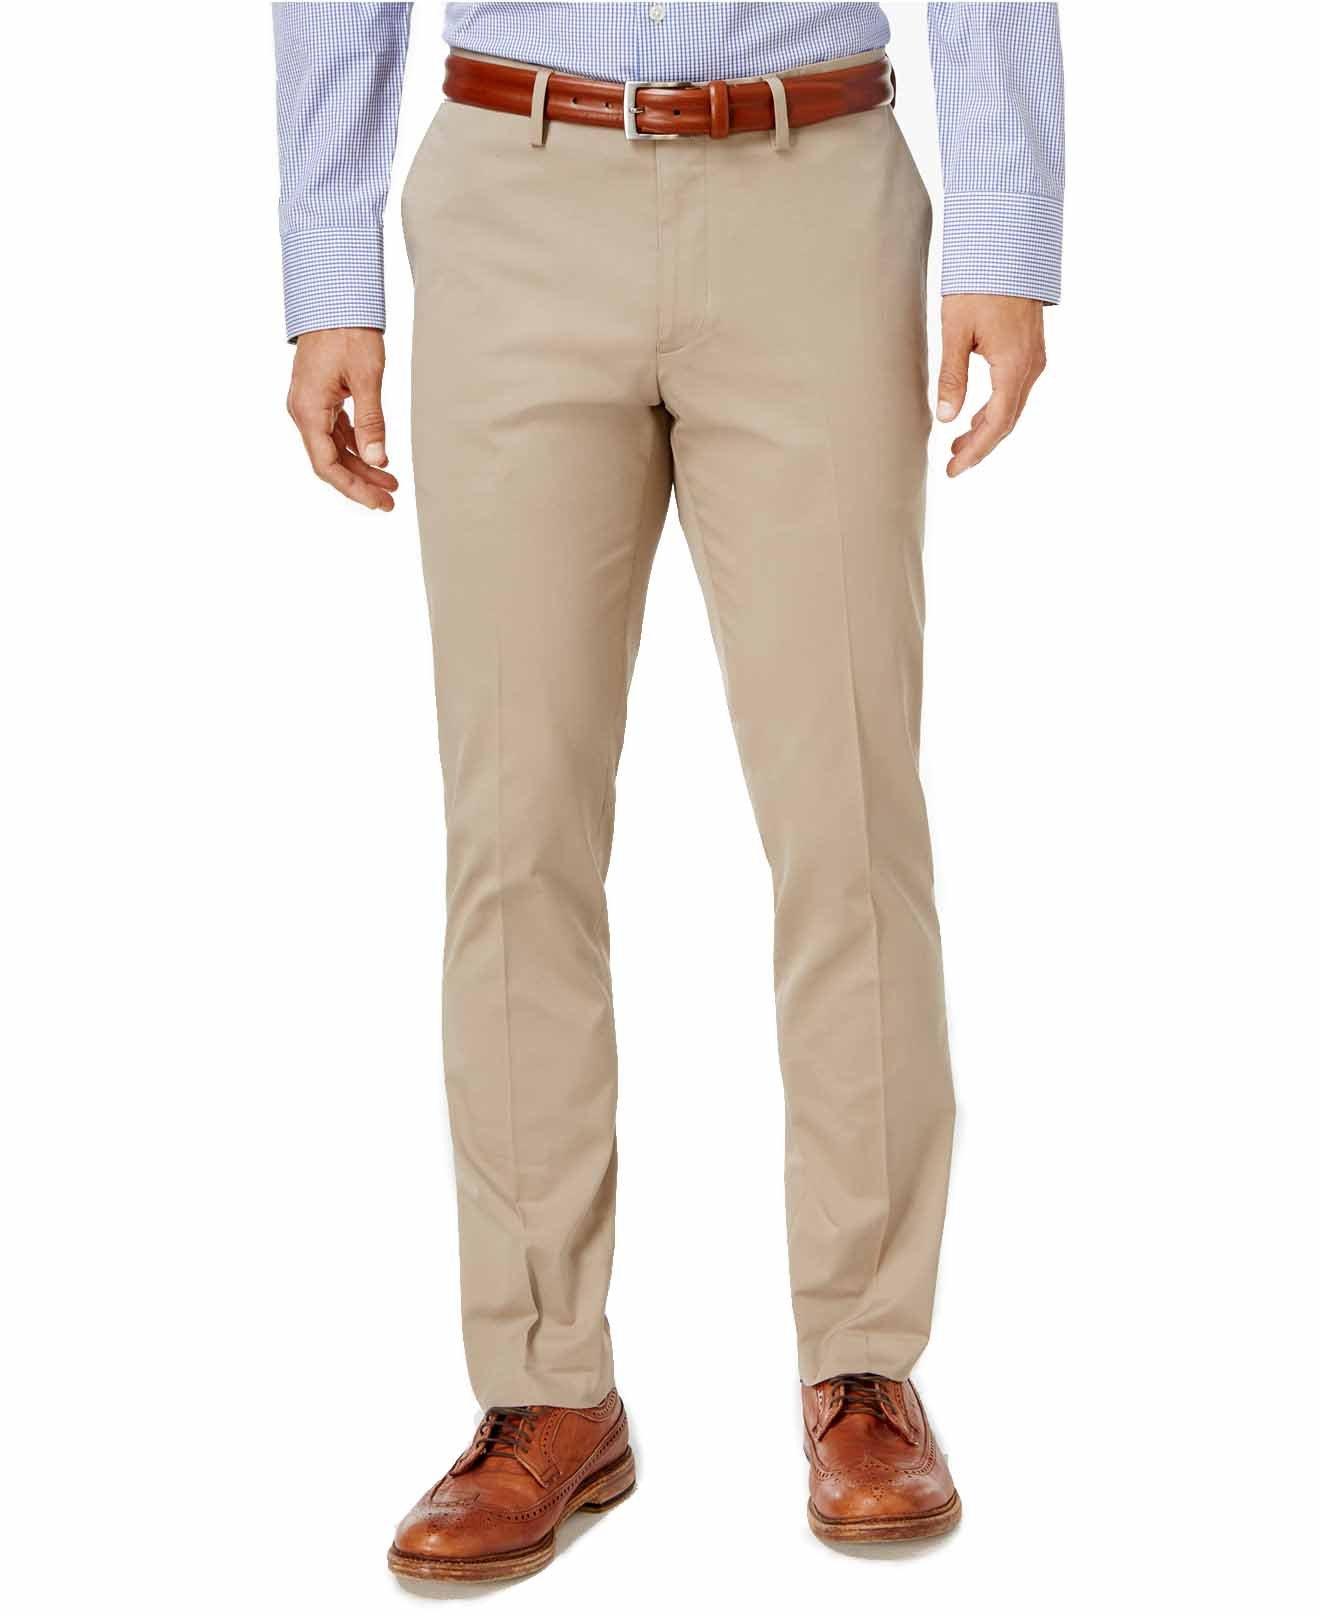 Michael Kors Men's Slim-Fit Stretch Chino Pants (Khaki, 32W x 32L)